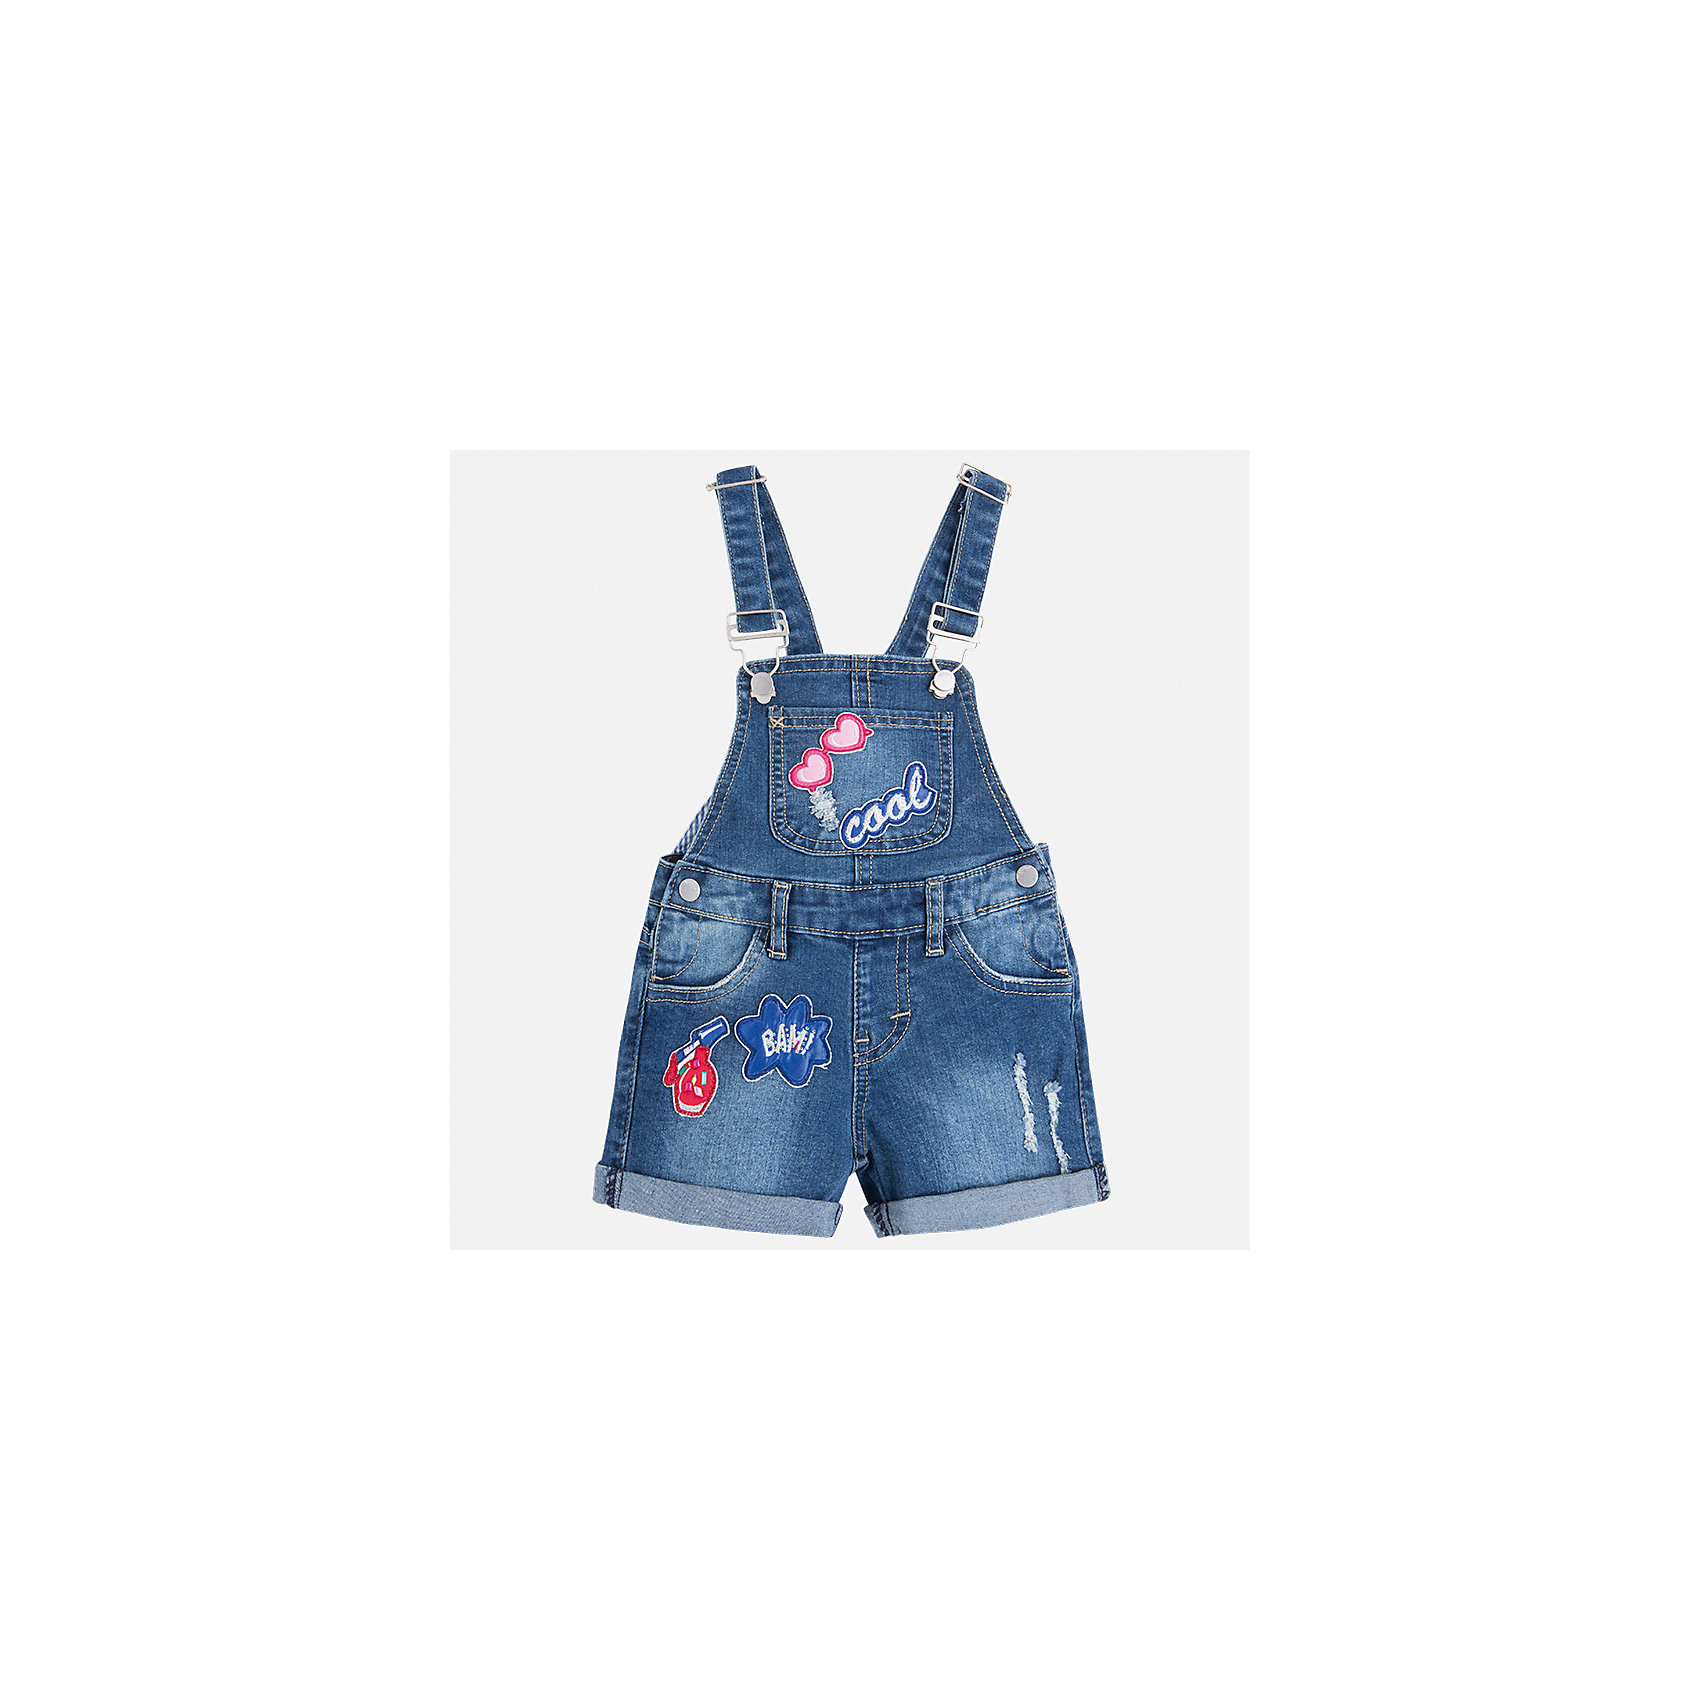 Комбинезон джинсовый для девочки MayoralКомбинезоны<br>Характеристики товара:<br><br>• цвет: синий<br>• состав: верх - 69% хлопок, 29% полиэстер, 2% эластан; подкладка - 93% полиэстер, 7% эластан<br>• шлевки<br>• карманы<br>• лямки с регулировкой объема<br>• декорирован вышивкой<br>• страна бренда: Испания<br><br>Стильный джинсовый комбинезон для девочки поможет разнообразить гардероб ребенка и украсить наряд. Он отлично сочетается с майками, футболками, блузками и т.д. Универсальный цвет позволяет подобрать к вещи верх разных расцветок. Интересная отделка модели делает её нарядной и оригинальной. В составе материала - натуральный хлопок, гипоаллергенный, приятный на ощупь, дышащий.<br><br>Одежда, обувь и аксессуары от испанского бренда Mayoral полюбились детям и взрослым по всему миру. Модели этой марки - стильные и удобные. Для их производства используются только безопасные, качественные материалы и фурнитура. Порадуйте ребенка модными и красивыми вещами от Mayoral! <br><br>Комбинезон для девочки от испанского бренда Mayoral (Майорал) можно купить в нашем интернет-магазине.<br><br>Ширина мм: 215<br>Глубина мм: 88<br>Высота мм: 191<br>Вес г: 336<br>Цвет: синий<br>Возраст от месяцев: 72<br>Возраст до месяцев: 84<br>Пол: Женский<br>Возраст: Детский<br>Размер: 122,128,134,92,98,104,110,116<br>SKU: 5290416